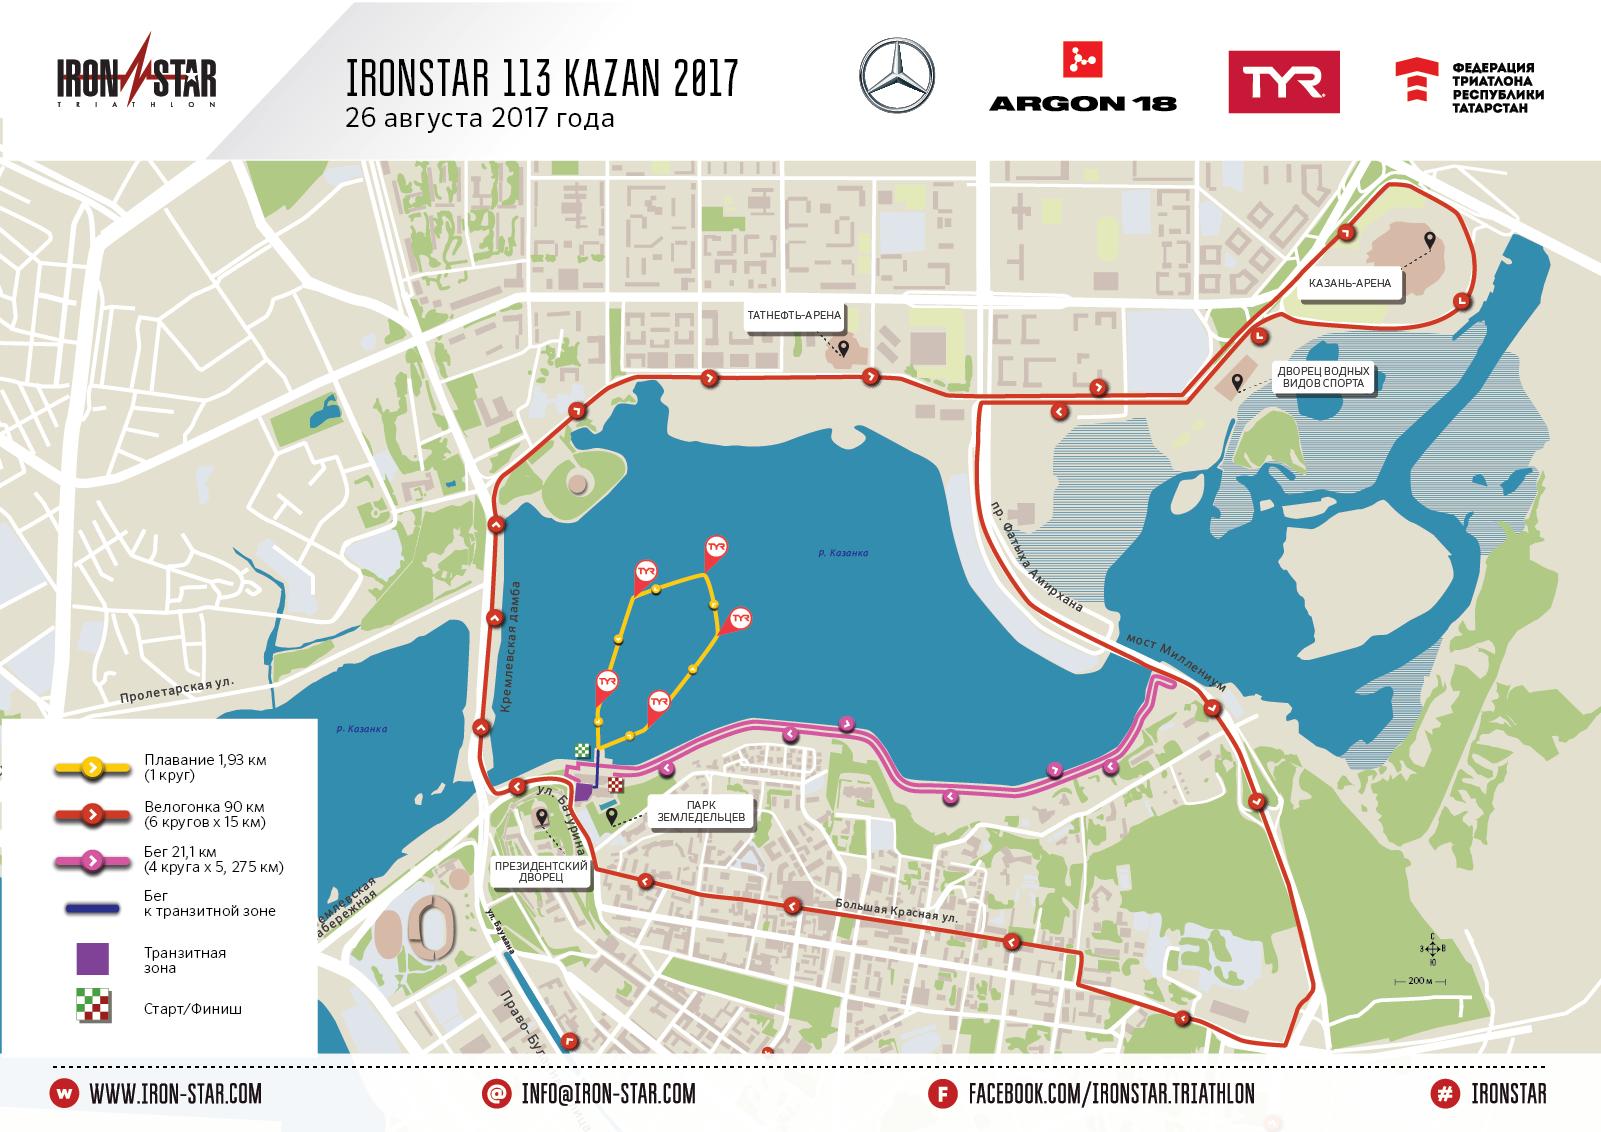 26 августа из-за чемпионата Ironstar в Казани перекроют ...